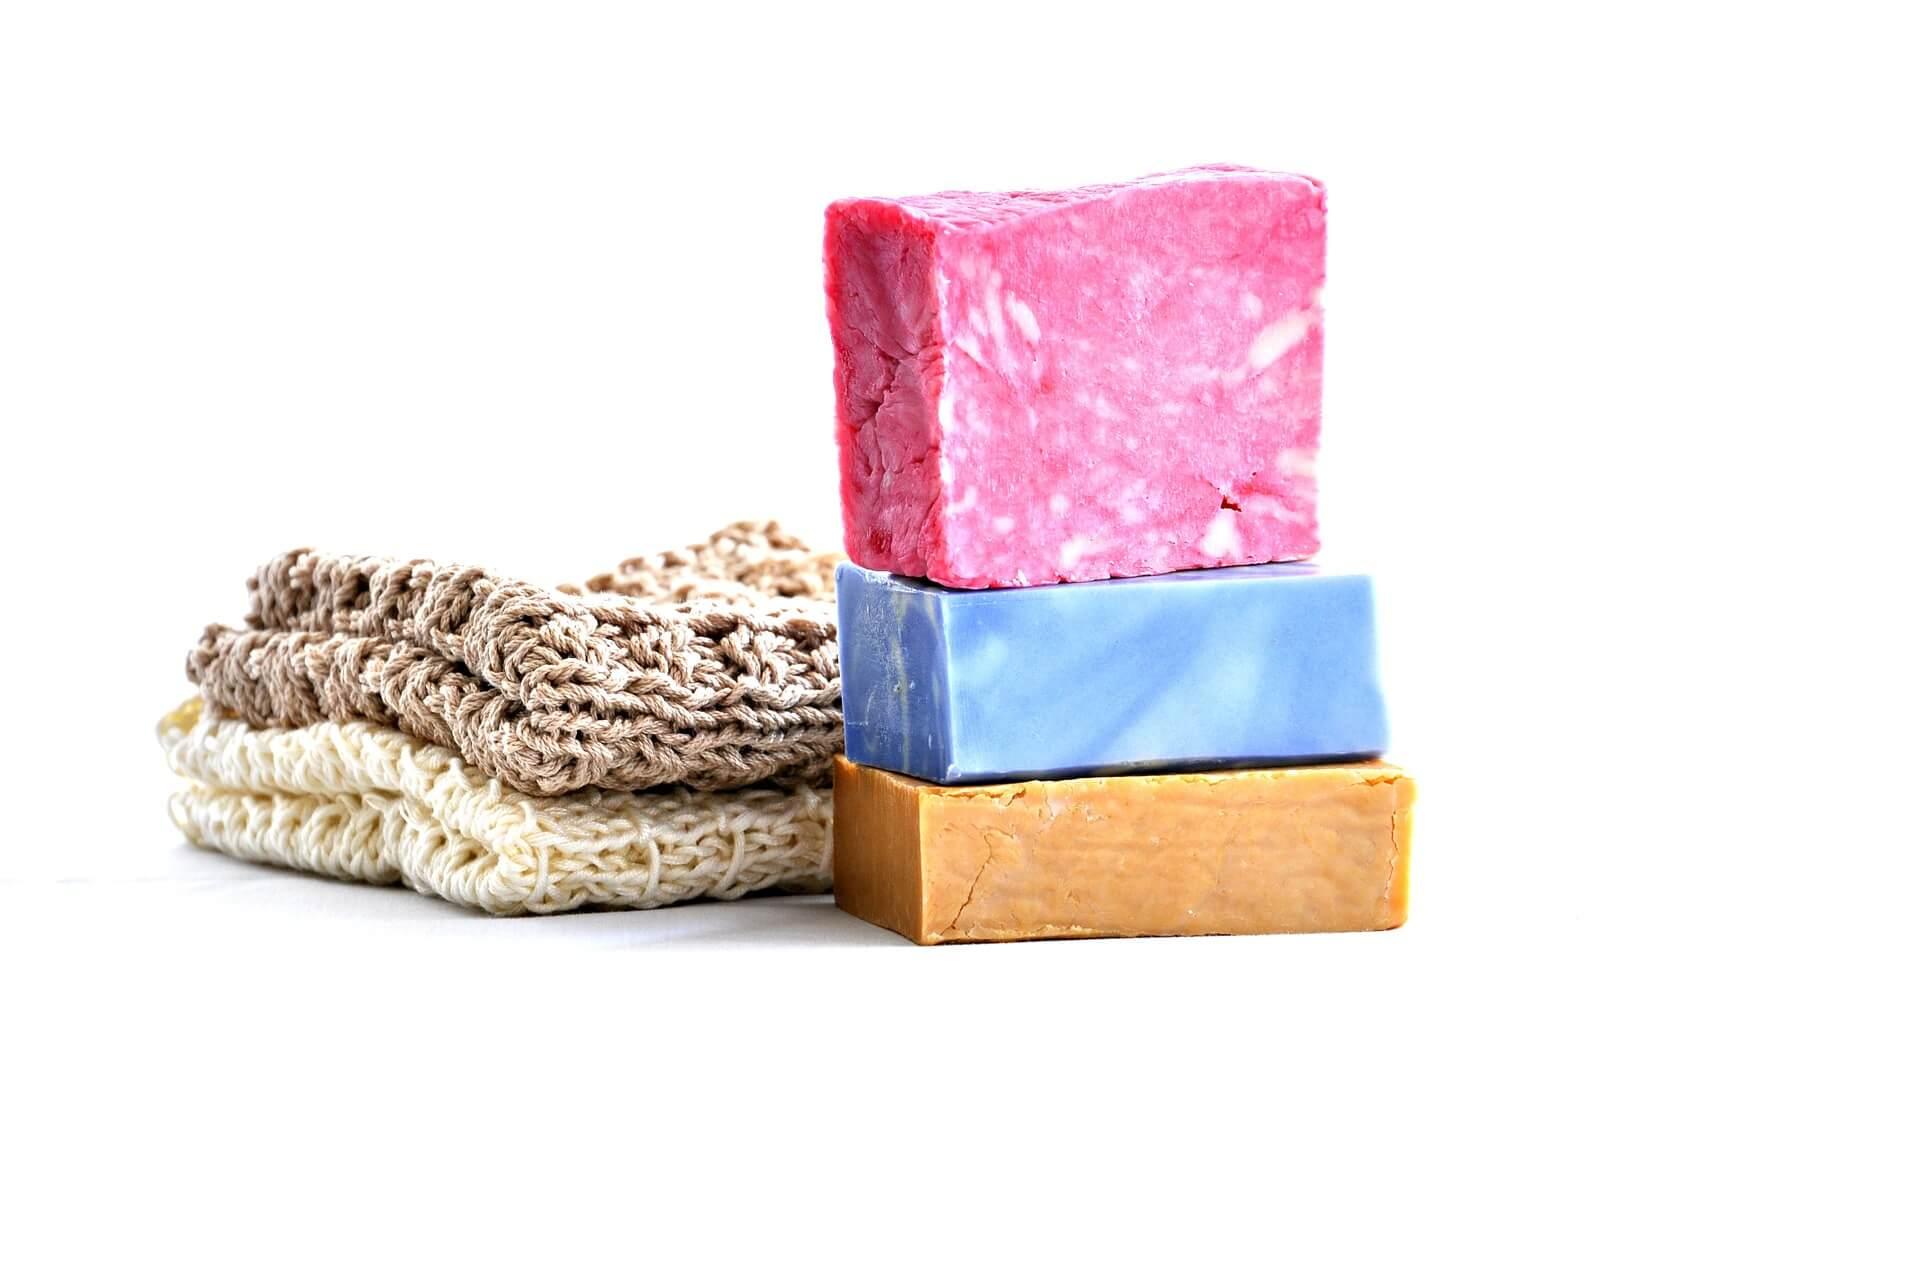 Jabones y detergentes ecológicos